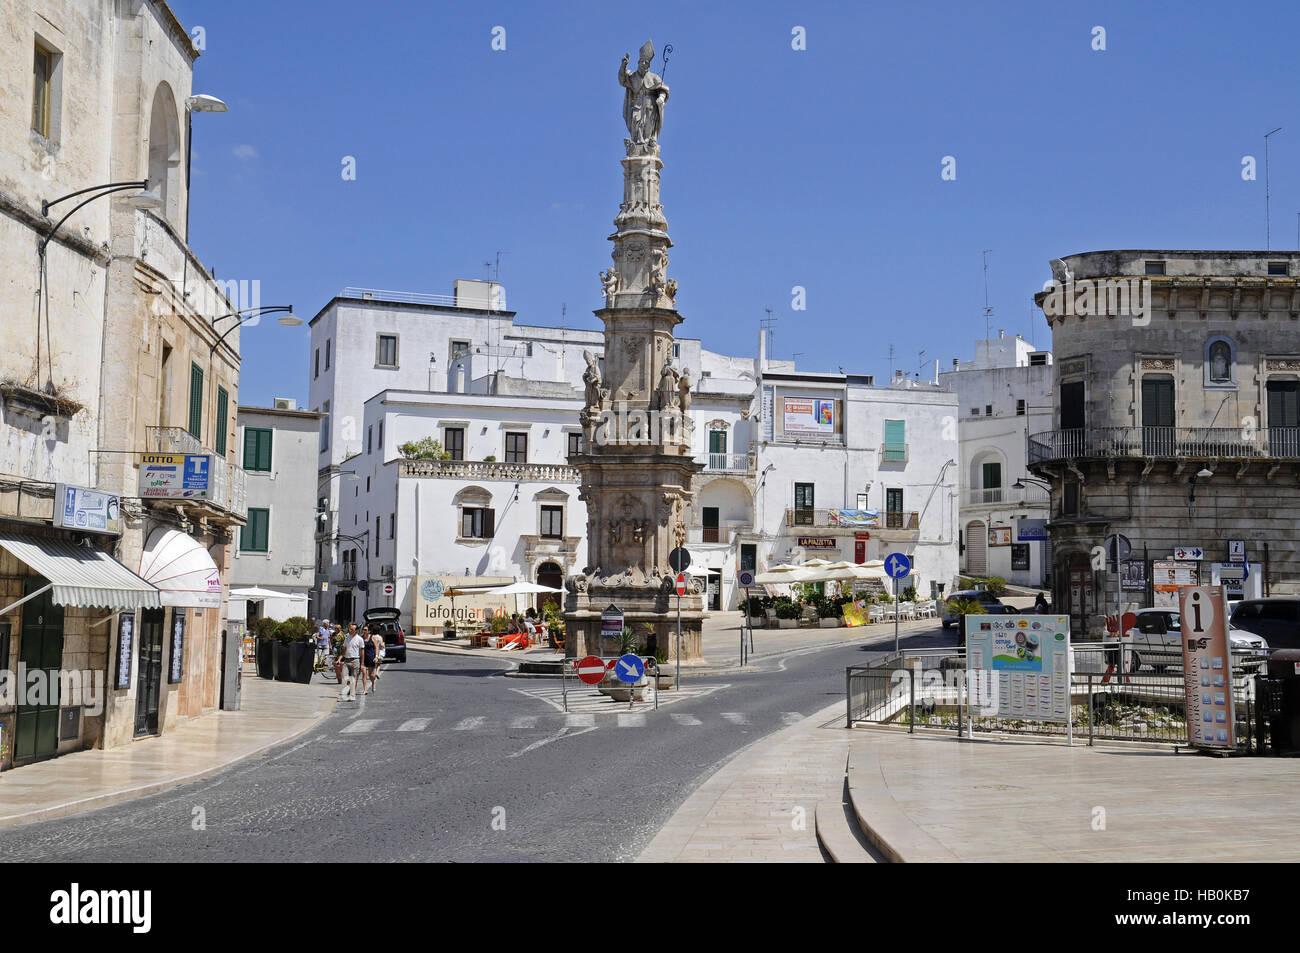 Piazza della Liberta, square, Ostuni, Italy - Stock Image